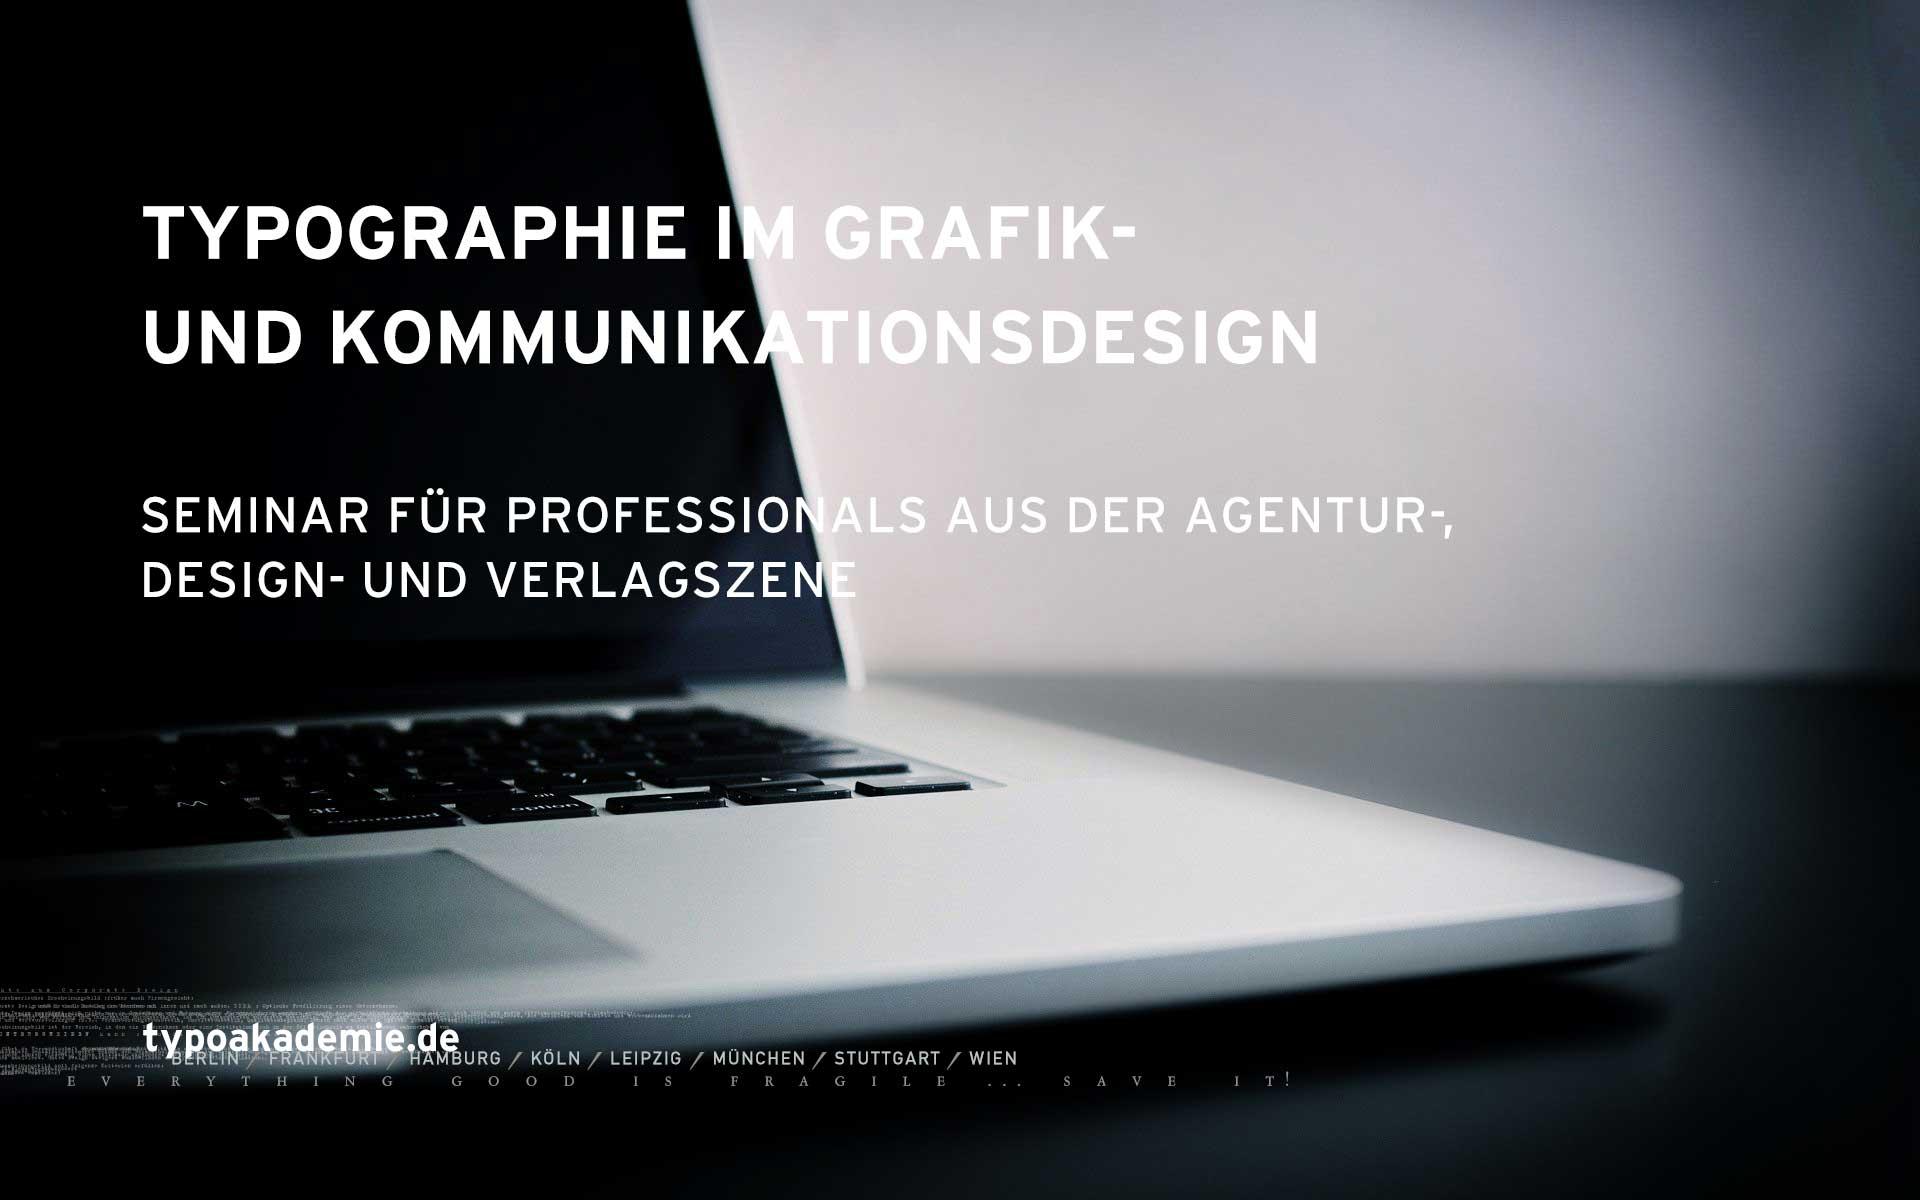 Das Seminar »Typografie im Grafik- und Komunikationsdesign« wurde speziell für Professionals aus der Agentur-, Design- und Verlagszene entwickelt.